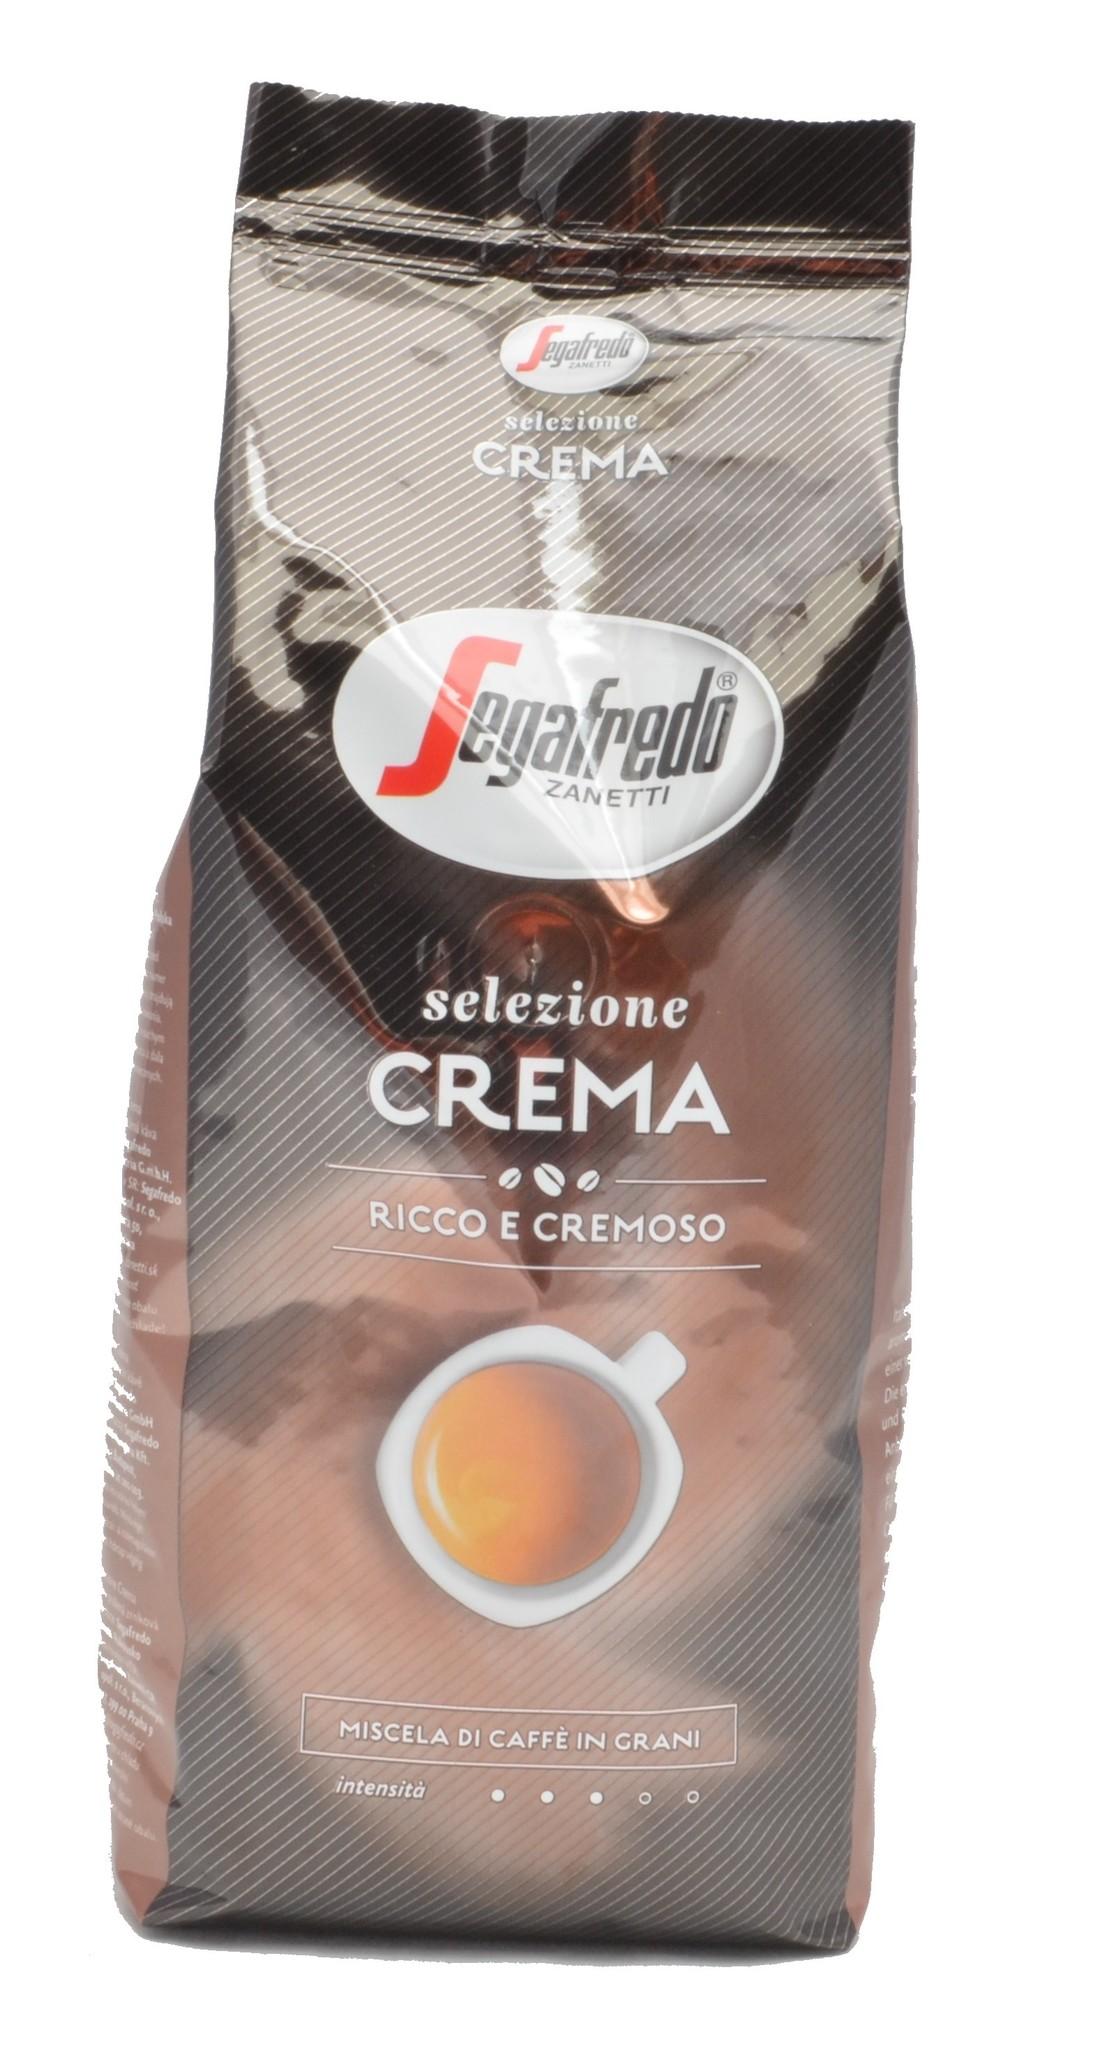 Segafredo Selezione crema bonen 1 kg. vanaf € 8.75